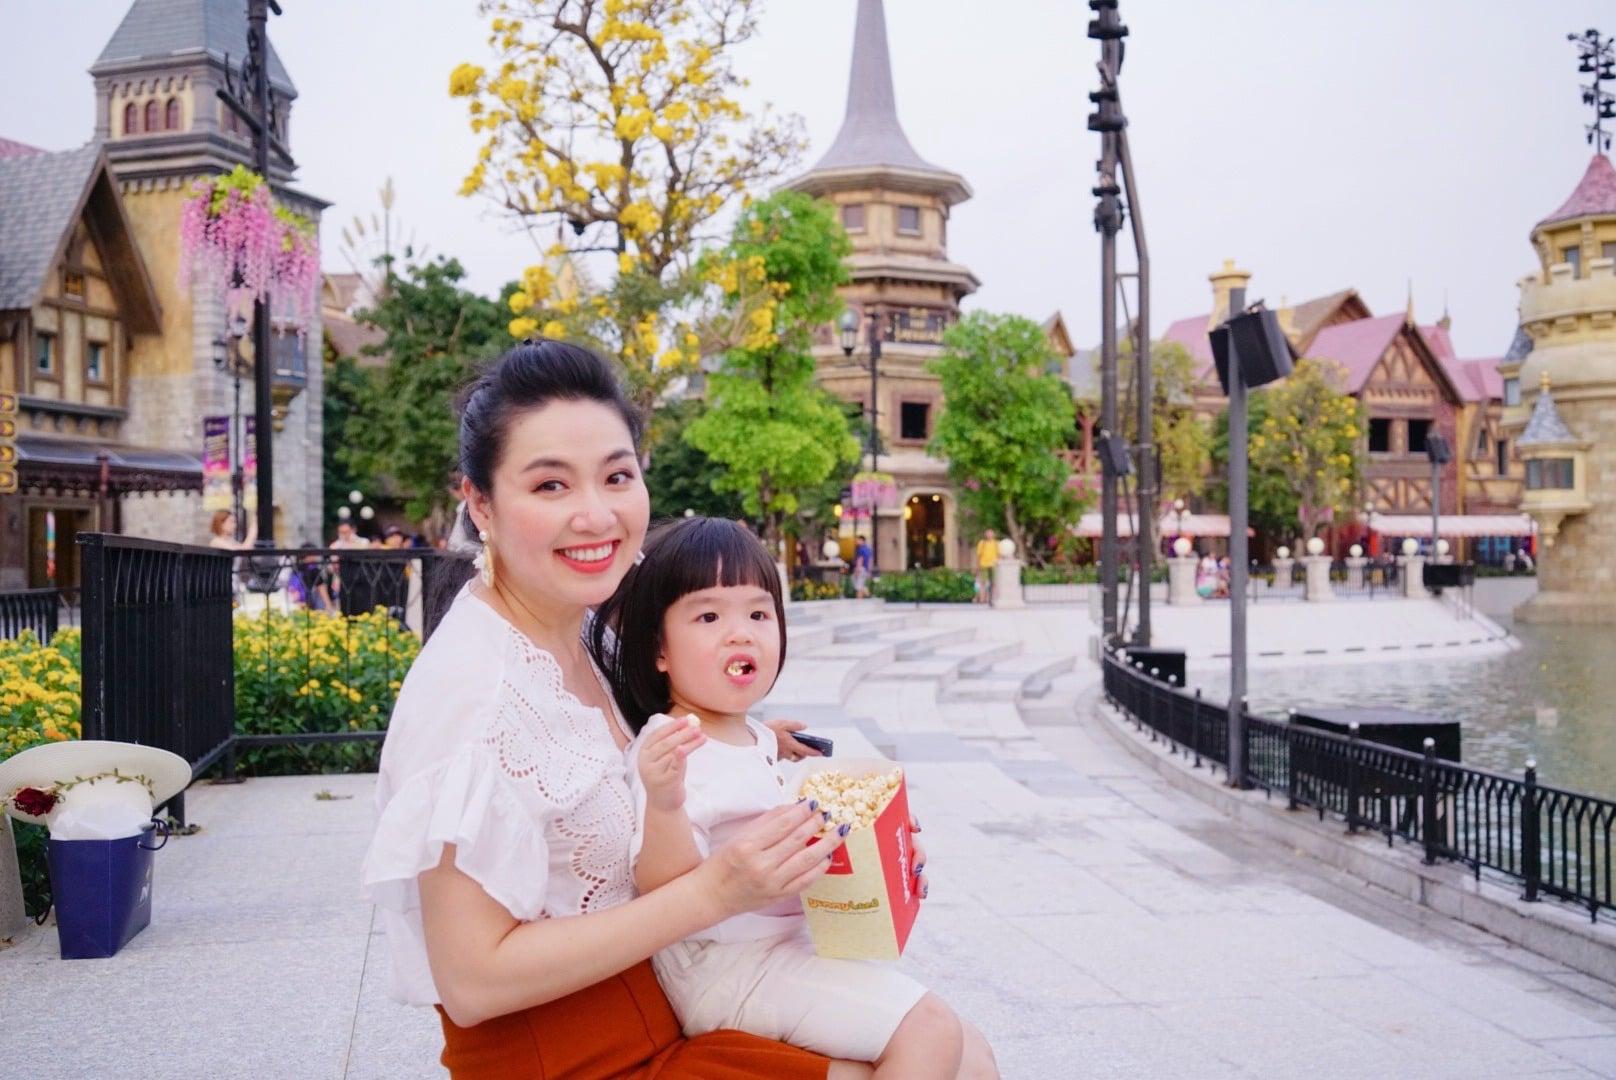 Diễn viên Lê Khánh cho con trai để tóc dài như con gái, ai hỏi giới tính của bé đều đưa ra câu trả lời ngã ngửa - Ảnh 2.